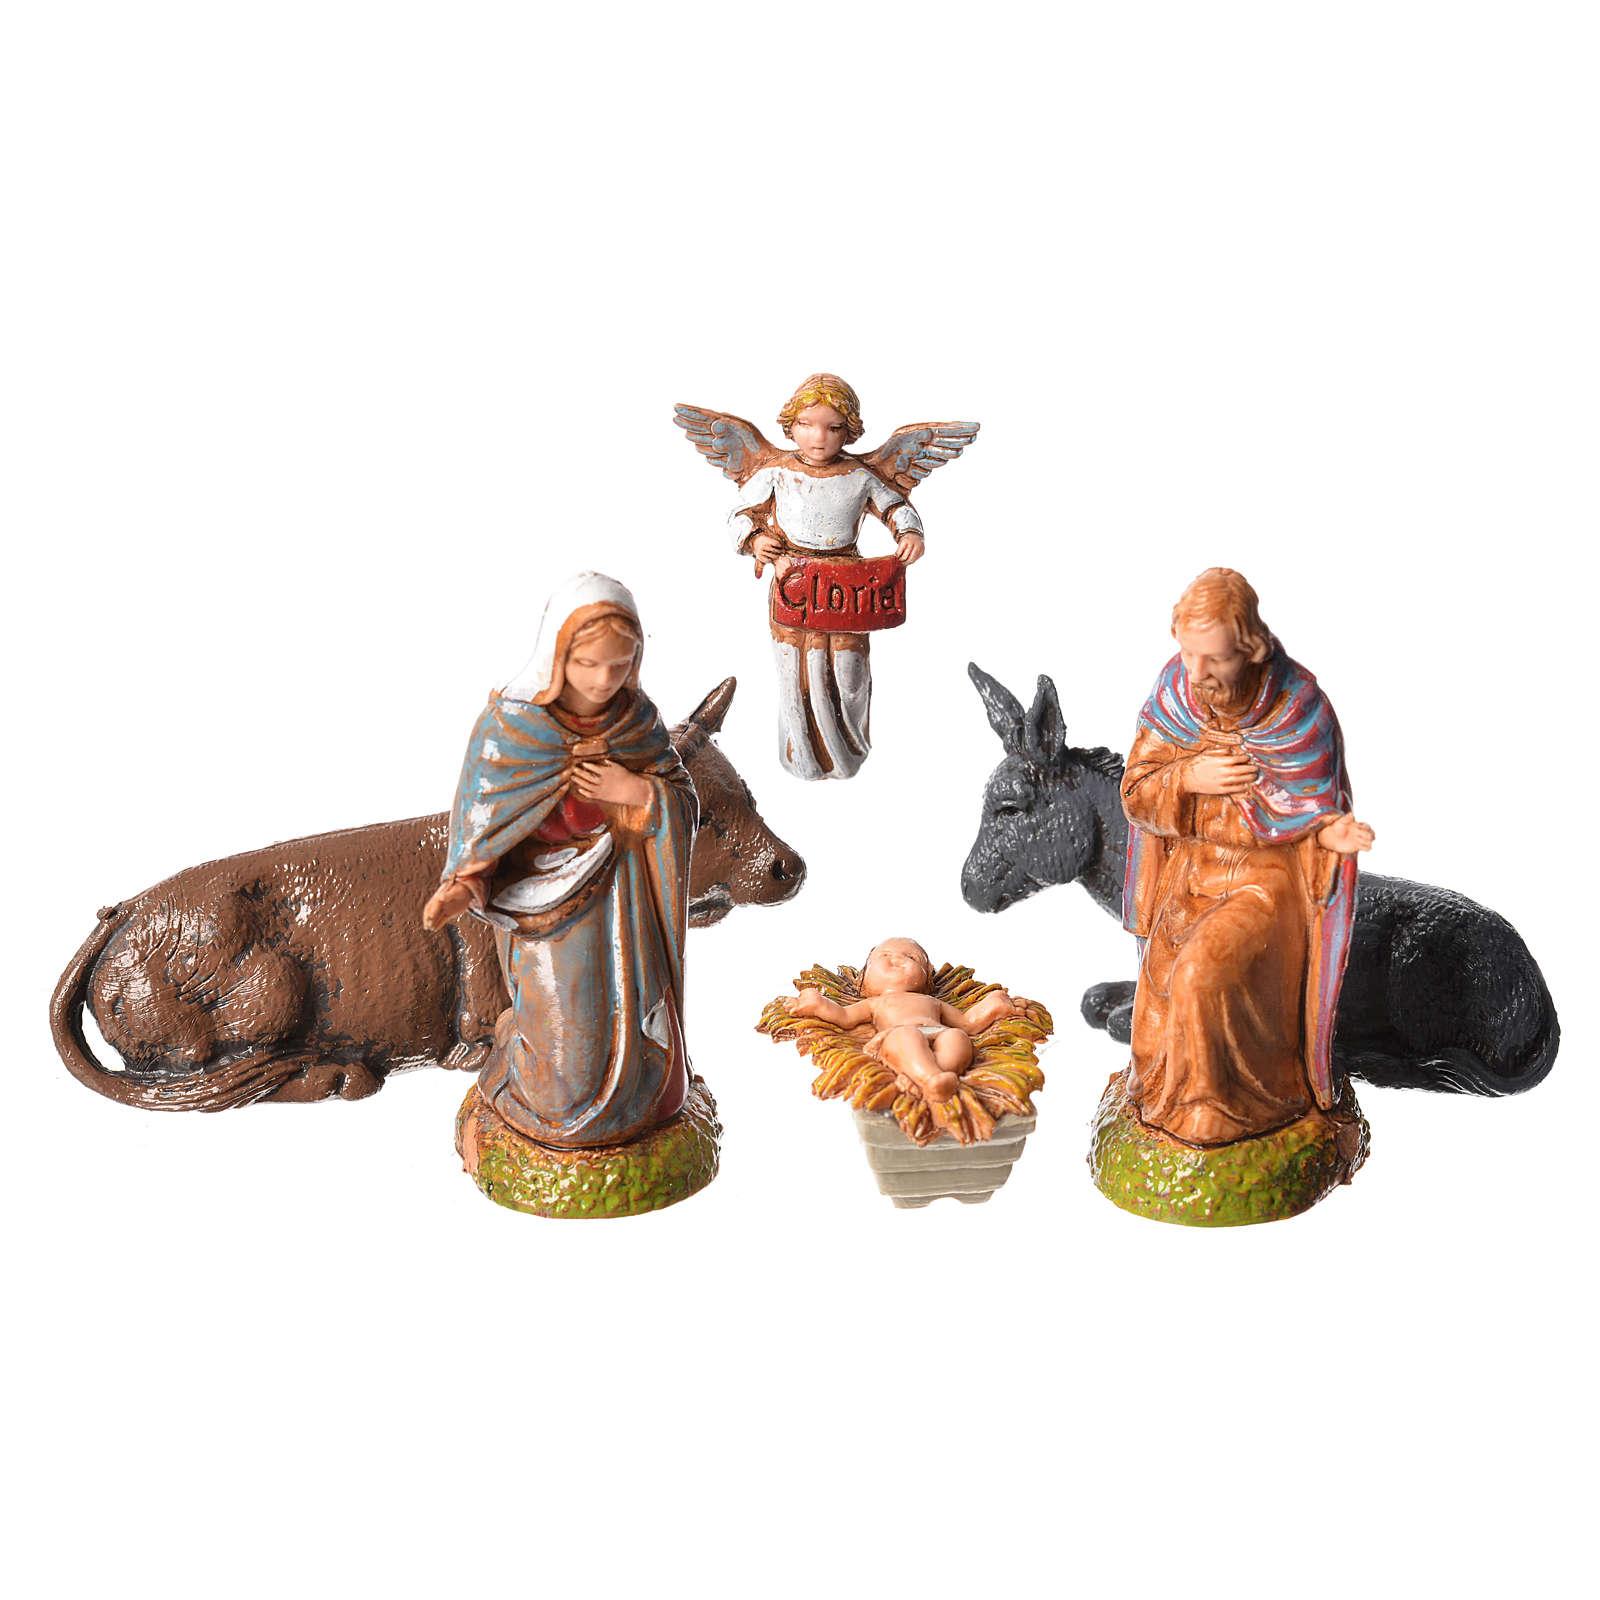 Nativité crèche 6 cm Moranduzzo 6 pcs 4